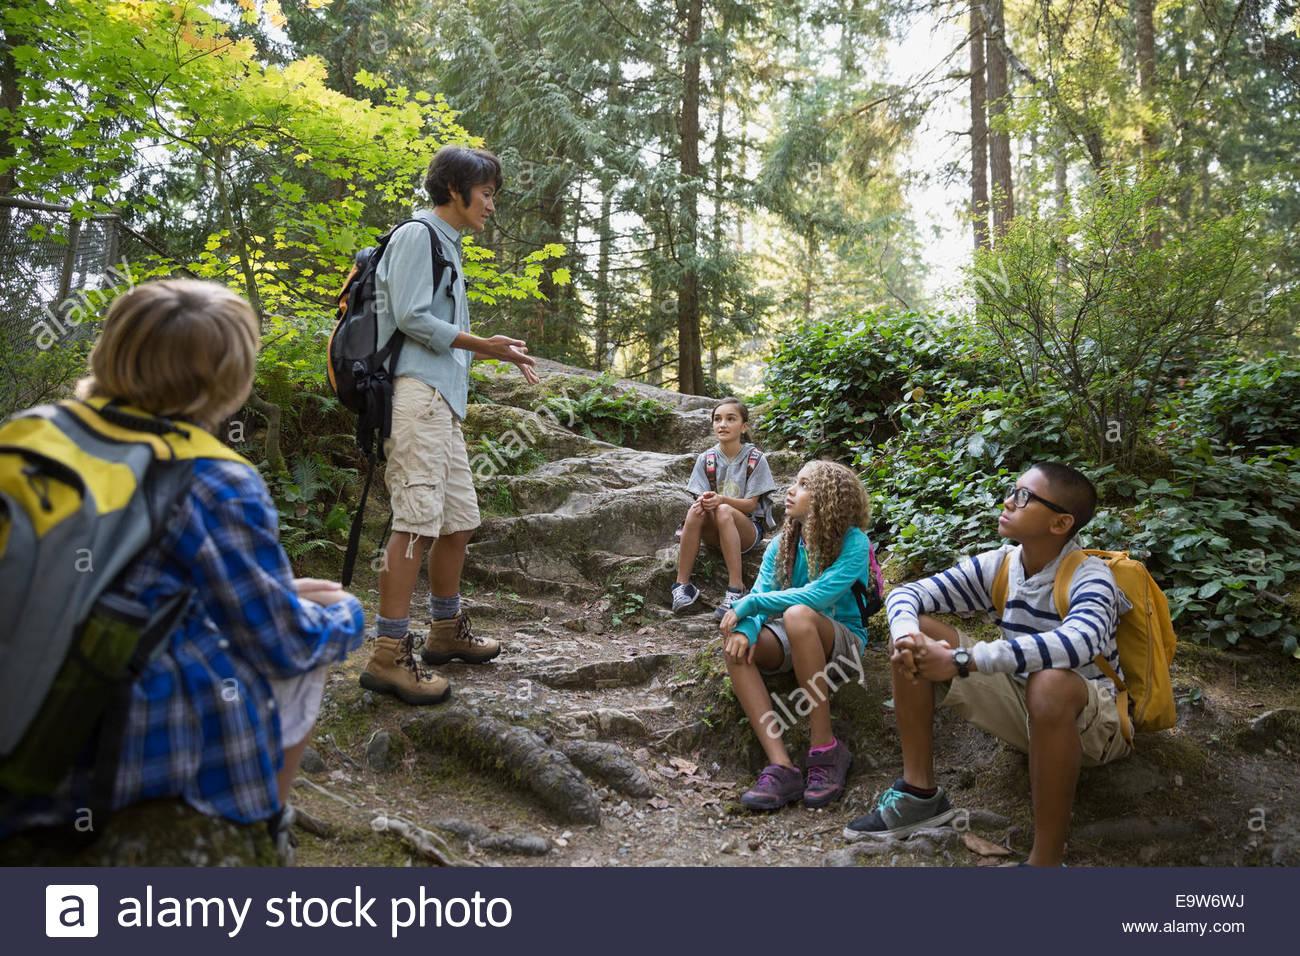 Teacher speaking to children in woods - Stock Image